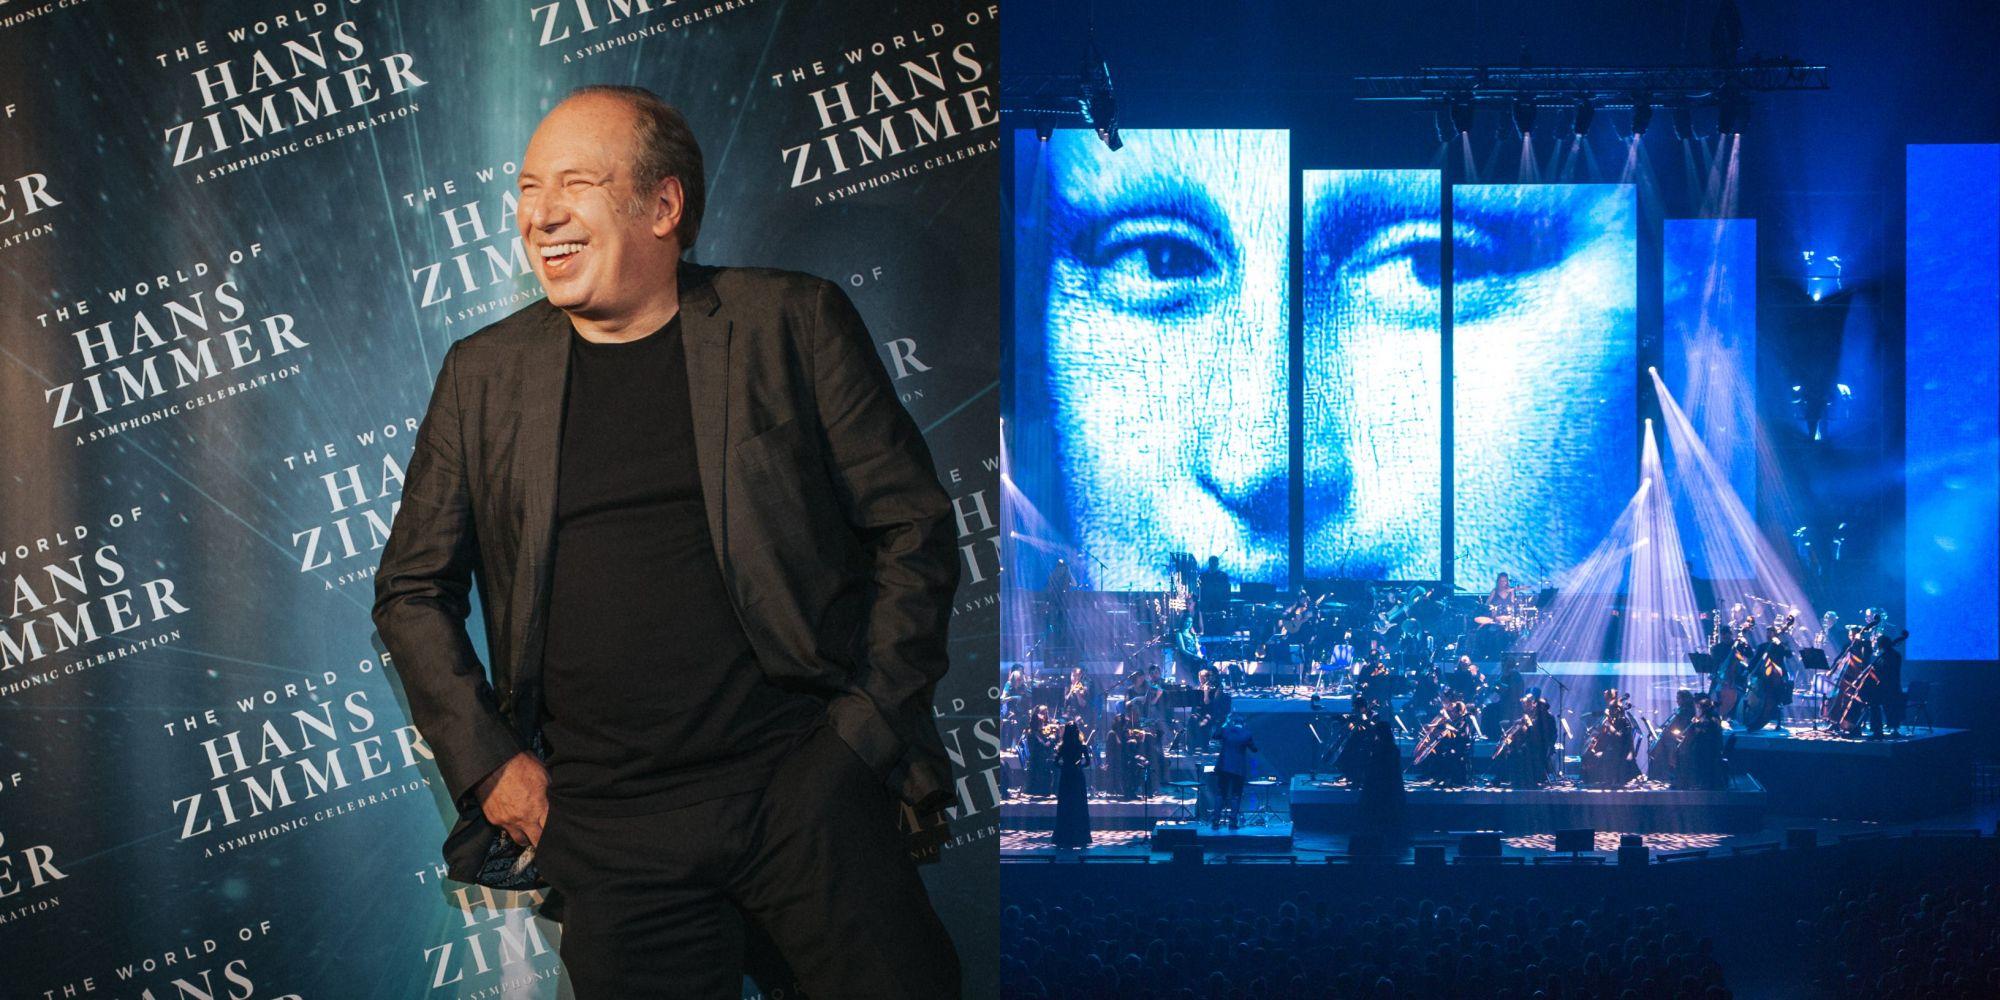 「還在世的前百大天才」配樂大師《漢斯季默:好萊塢王者之音》亞洲首演即將抵台!《獅子王》、《黑暗騎士》、《全面啟動》⋯⋯經典震撼重現